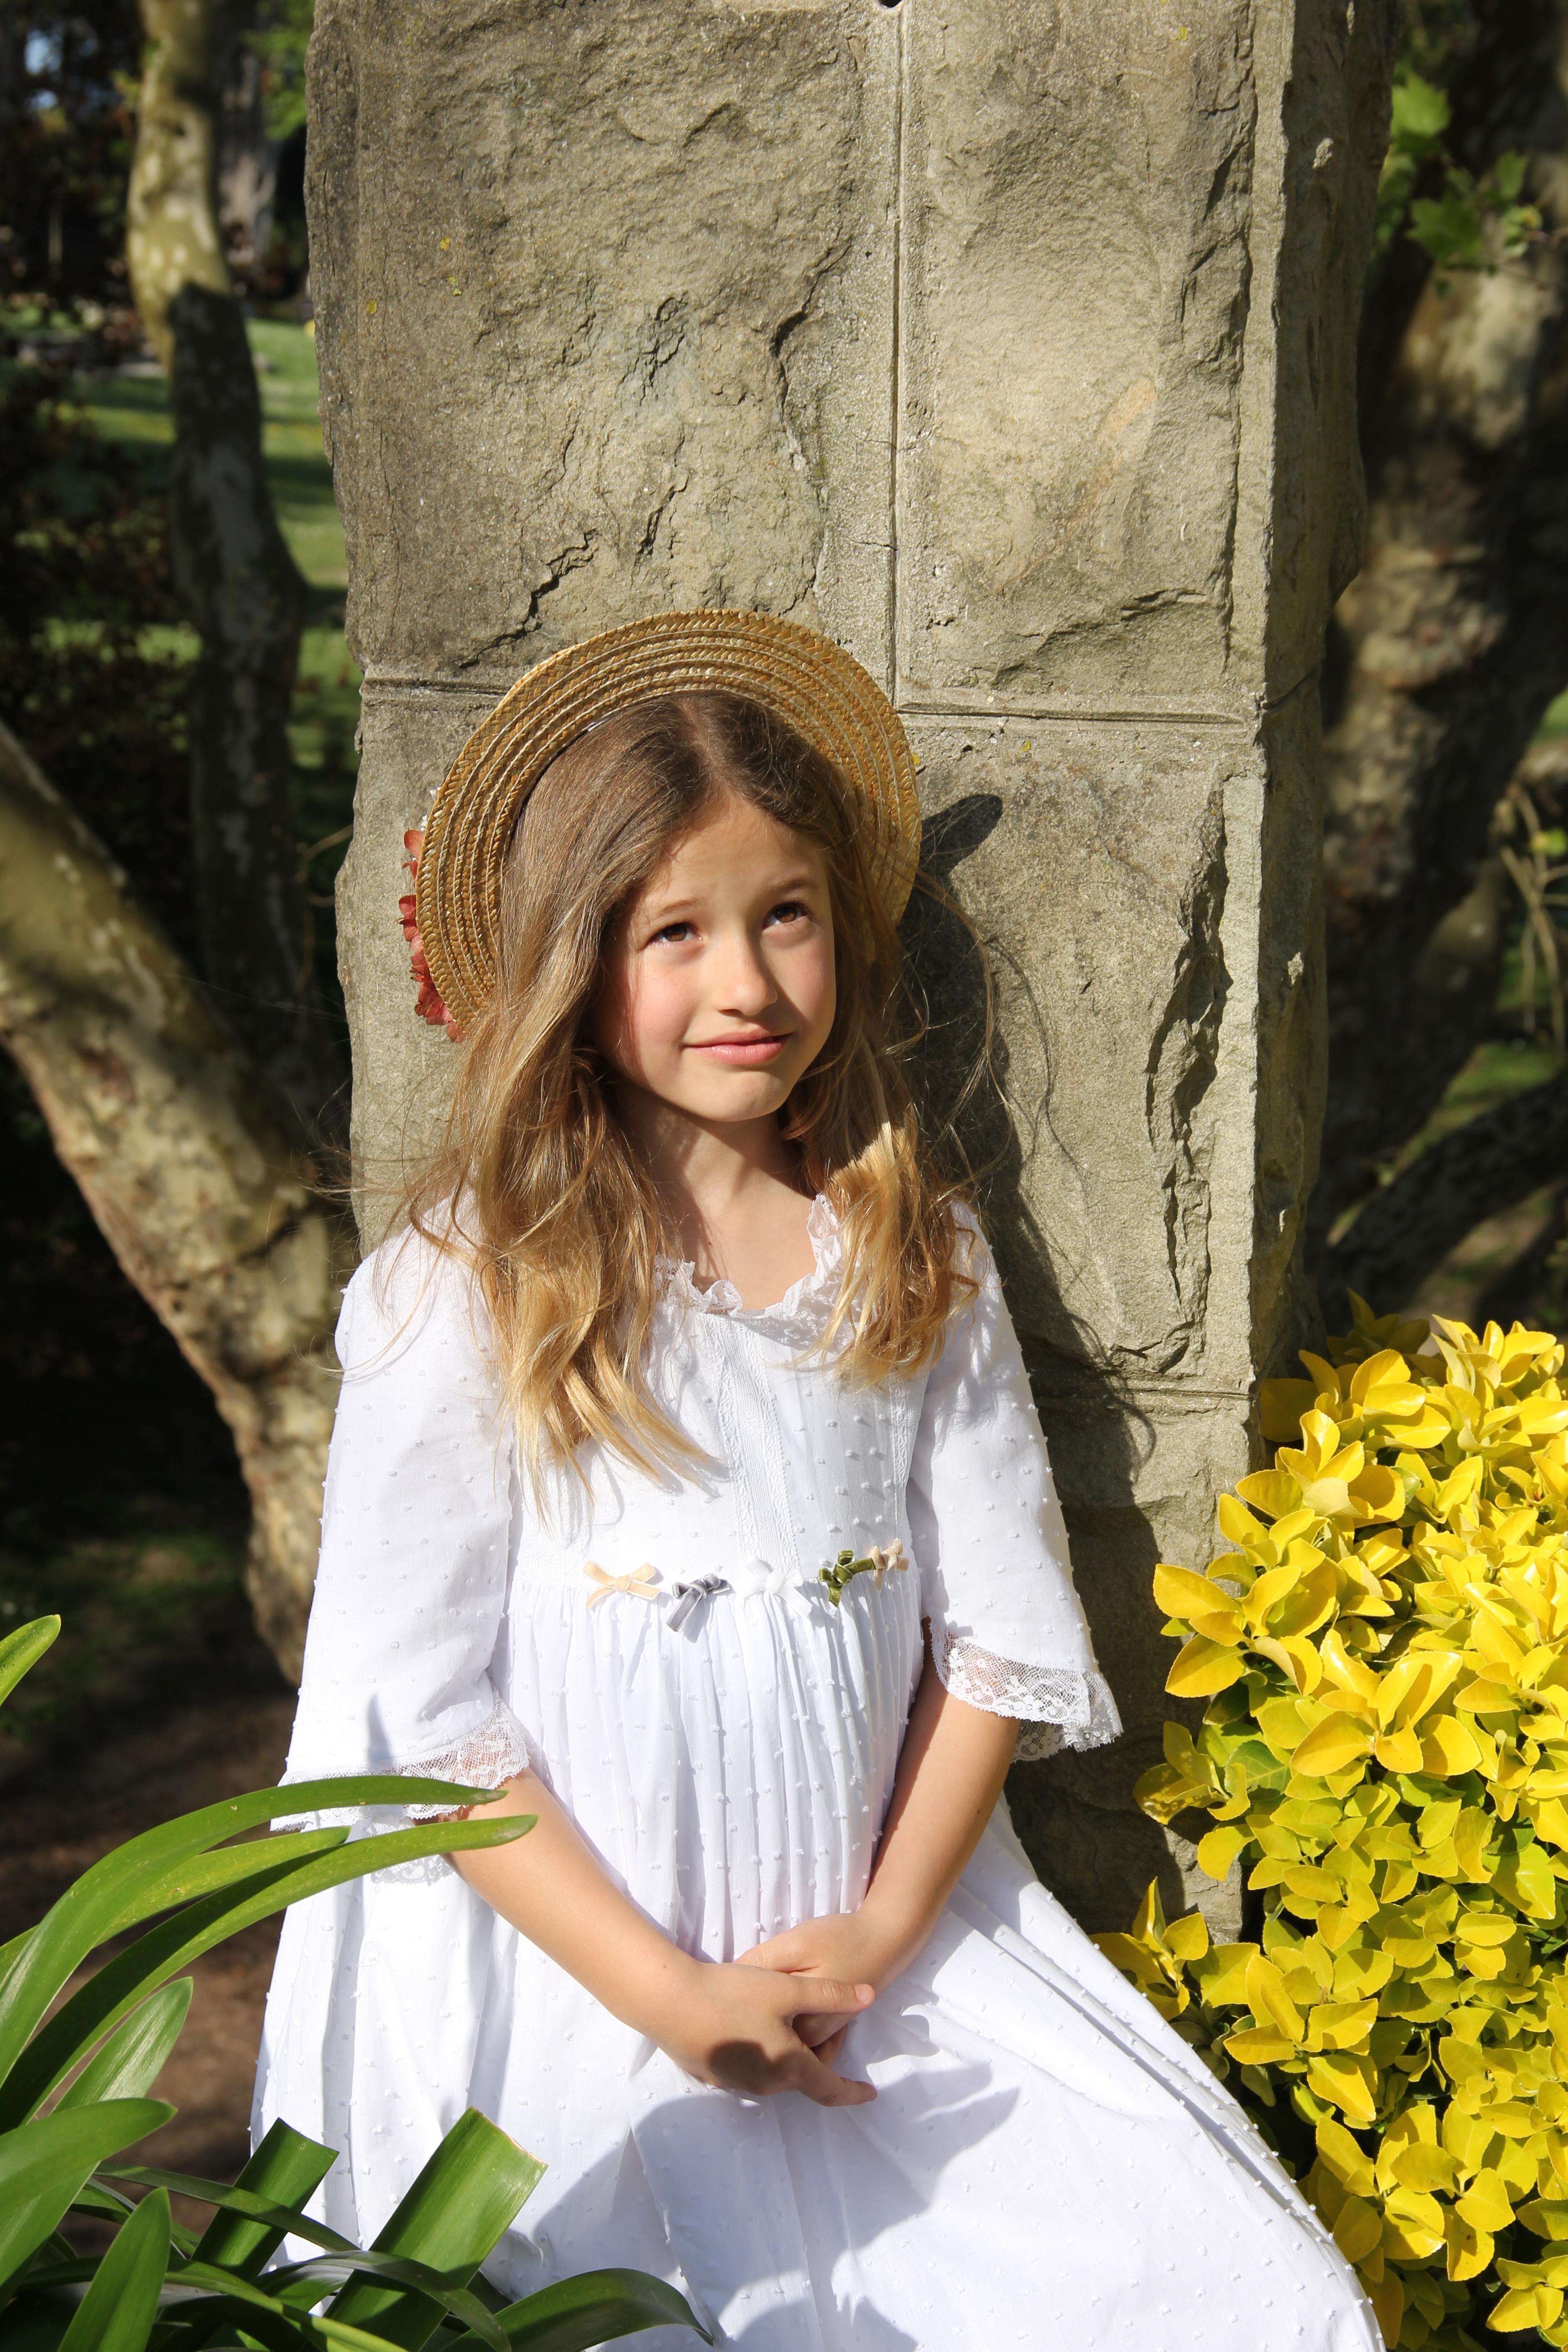 vestido-de-comunion-blanco-confeccionado-a-mano-vestido-ibicenco-para-comunion-vestido-de-comunion-sencillo-diseno-de-moda-infantil-online